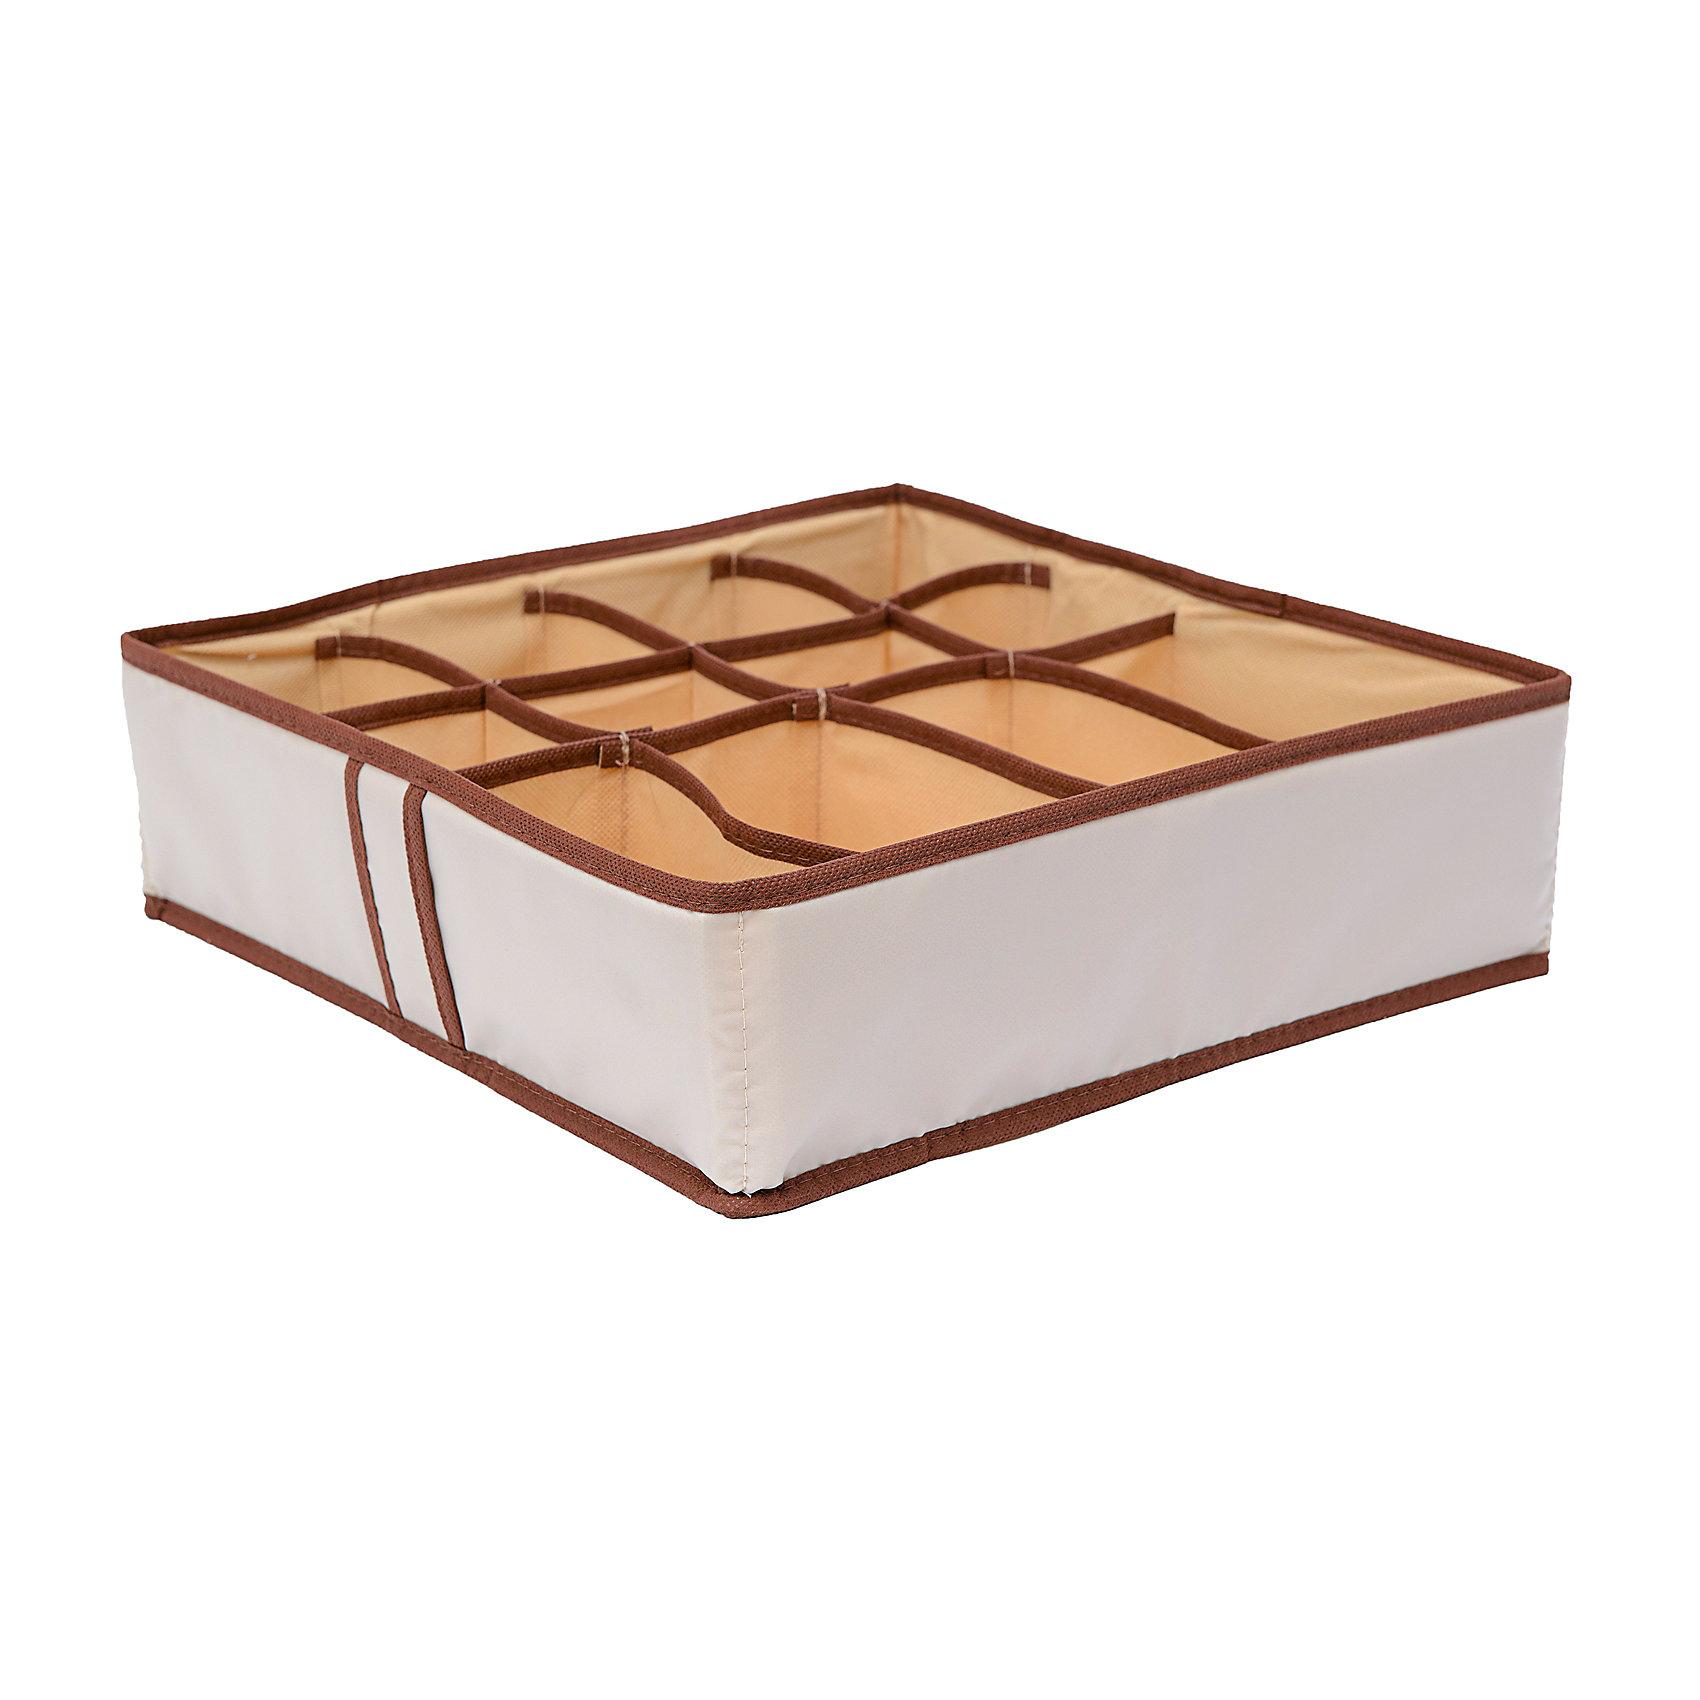 Органайзер на 12 секций Bora-Bora, HomsuПорядок в детской<br>Квадратный и плоский органайзер имеет 12 раздельных ячеек, 8 ячеек размером 8Х8см и 4 ячейки размером 8Х16см, очень удобен для хранения мелких вещей в вашем ящике или на полке. Идеально для носков, платков, галстуков и других вещей ежедневного пользования. Имеет жесткие борта, что является гарантией сохранности вещей.<br><br>Ширина мм: 350<br>Глубина мм: 100<br>Высота мм: 20<br>Вес г: 200<br>Возраст от месяцев: 216<br>Возраст до месяцев: 1188<br>Пол: Унисекс<br>Возраст: Детский<br>SKU: 5620201